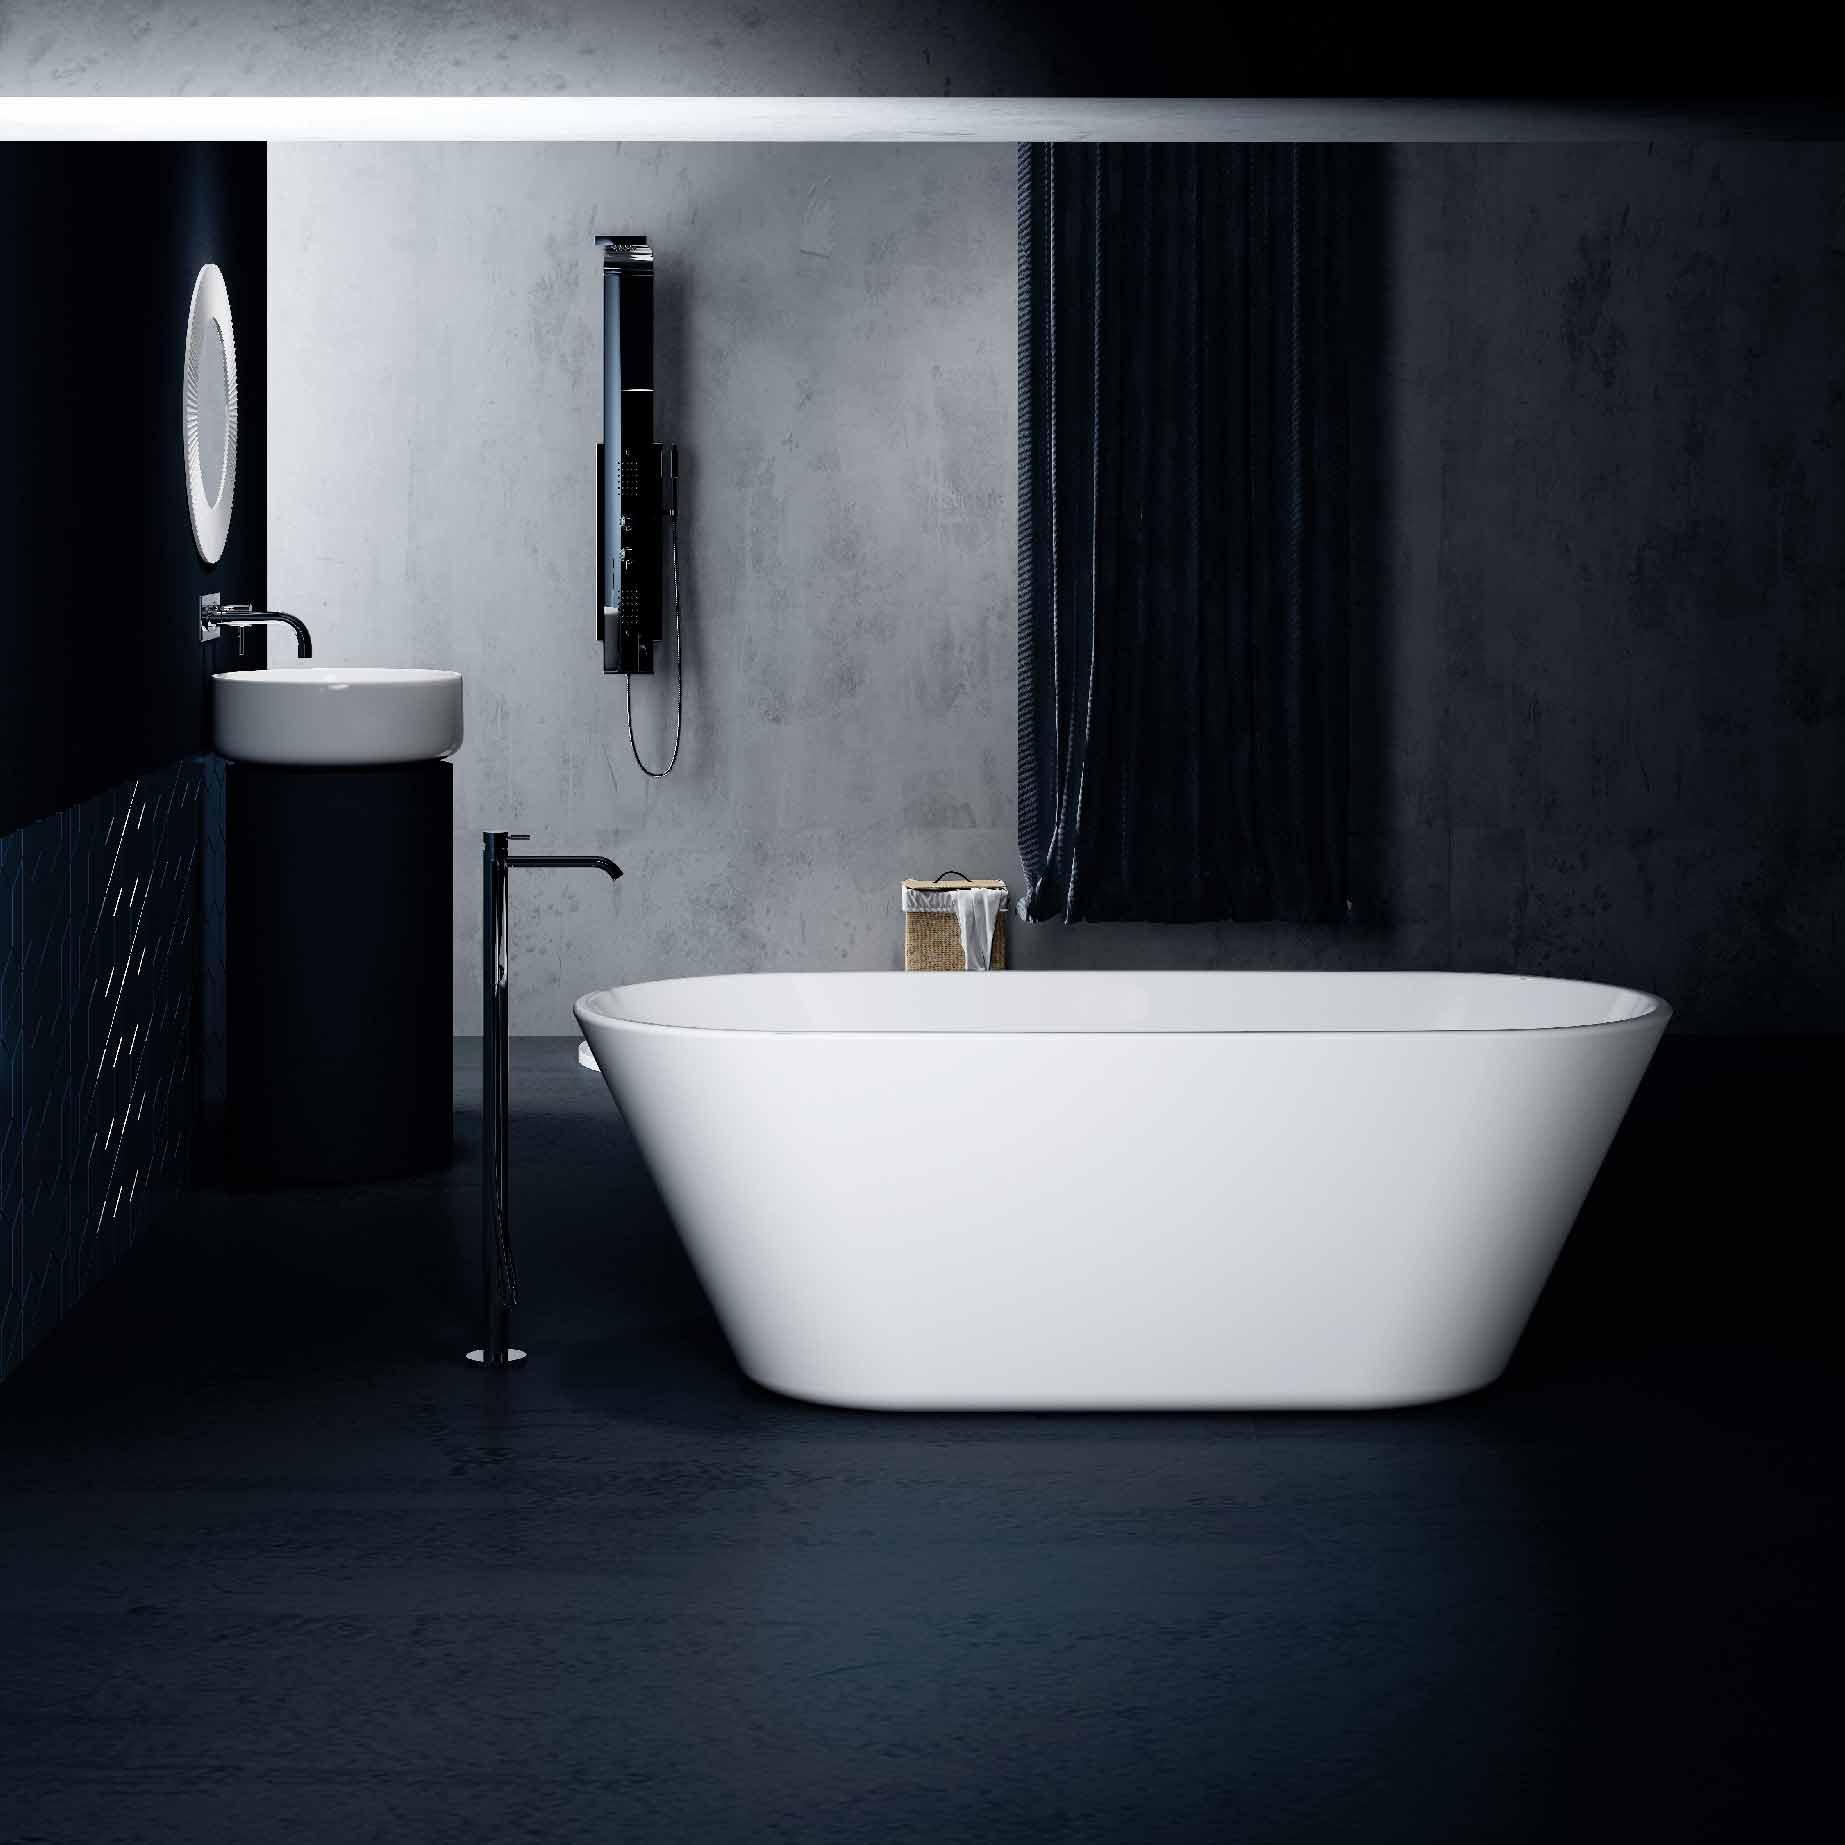 billiga badkar 150 cm